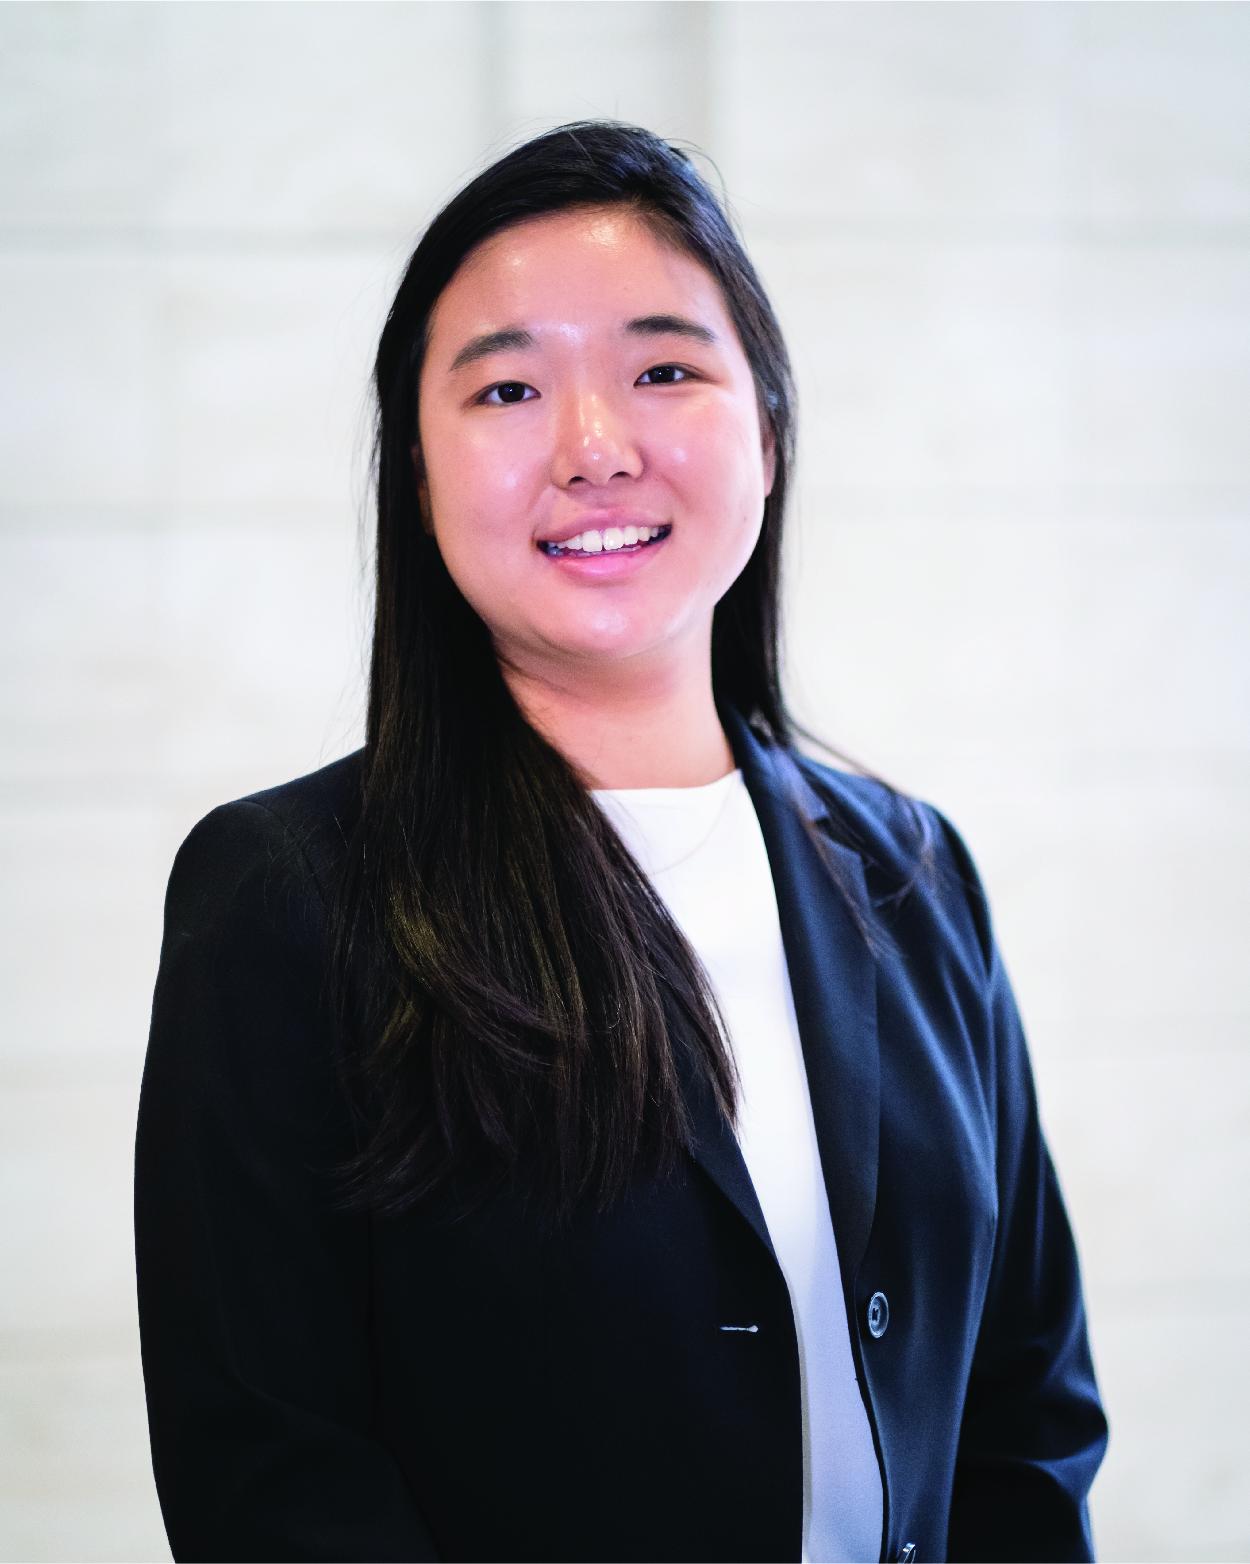 Amanda Yuen